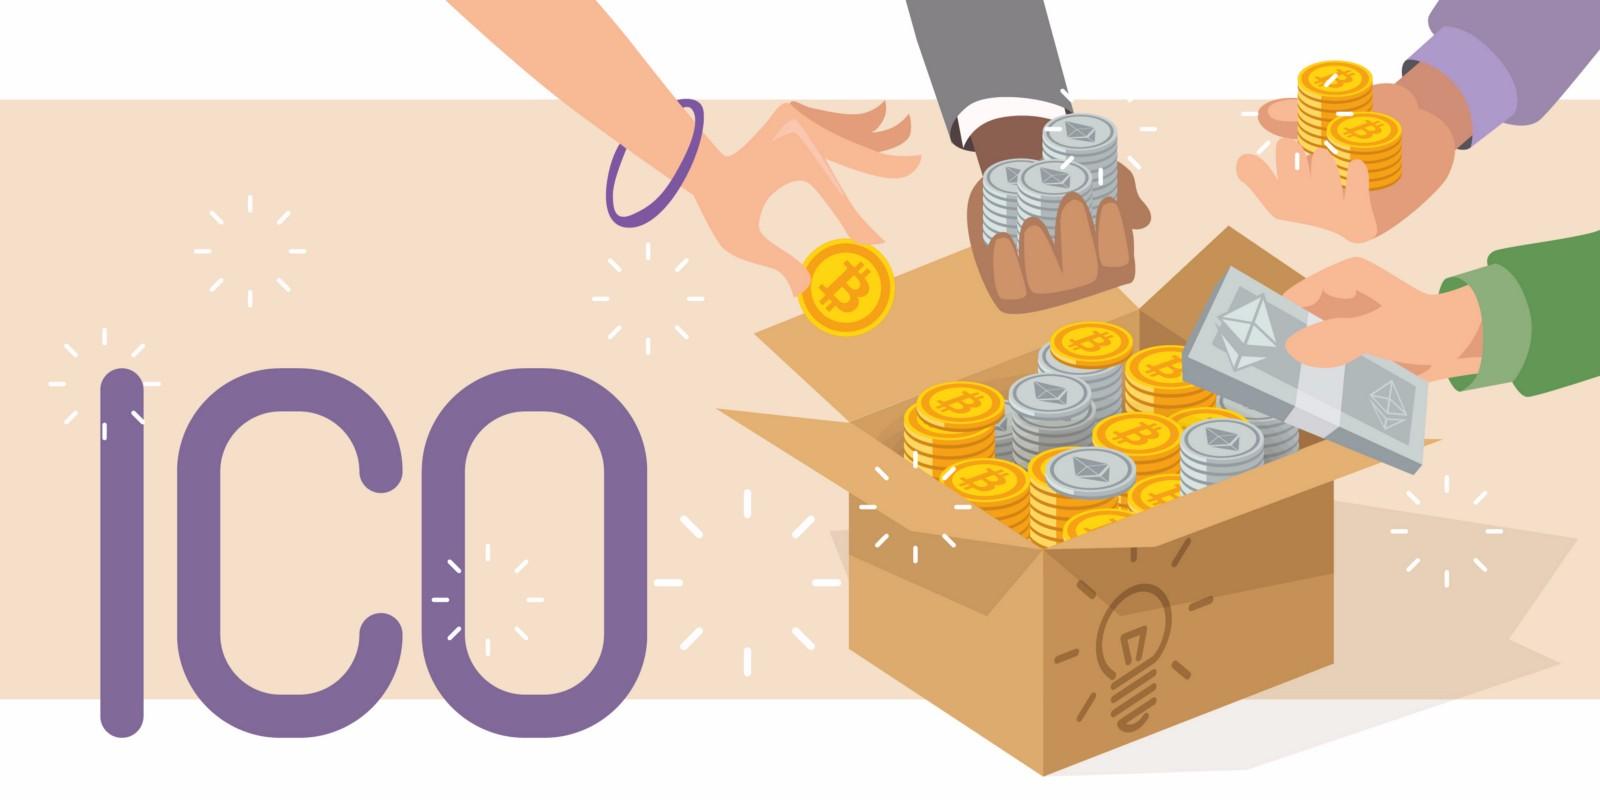 Czy większość ICO to scam? Raport z badań.